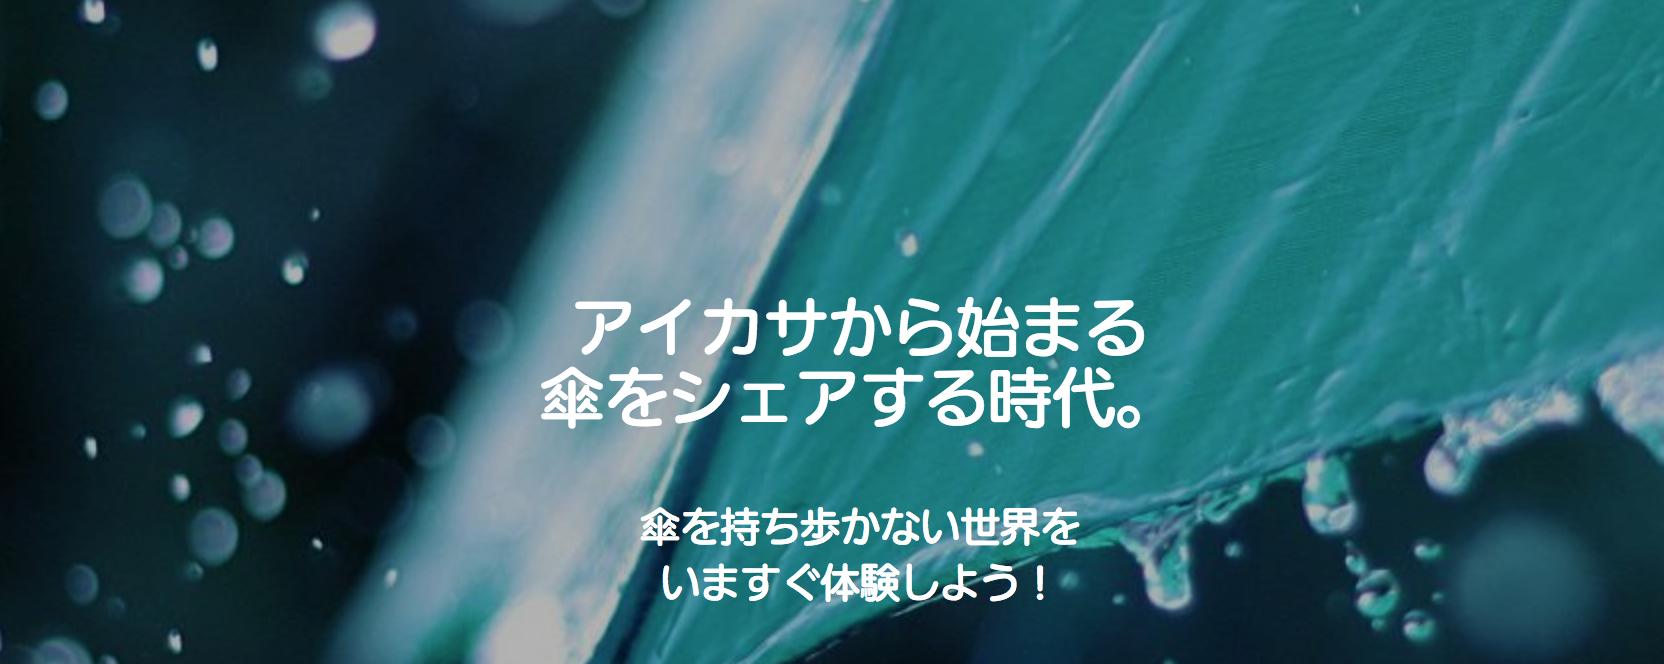 スクリーンショット 2018-03-11 13.59.16